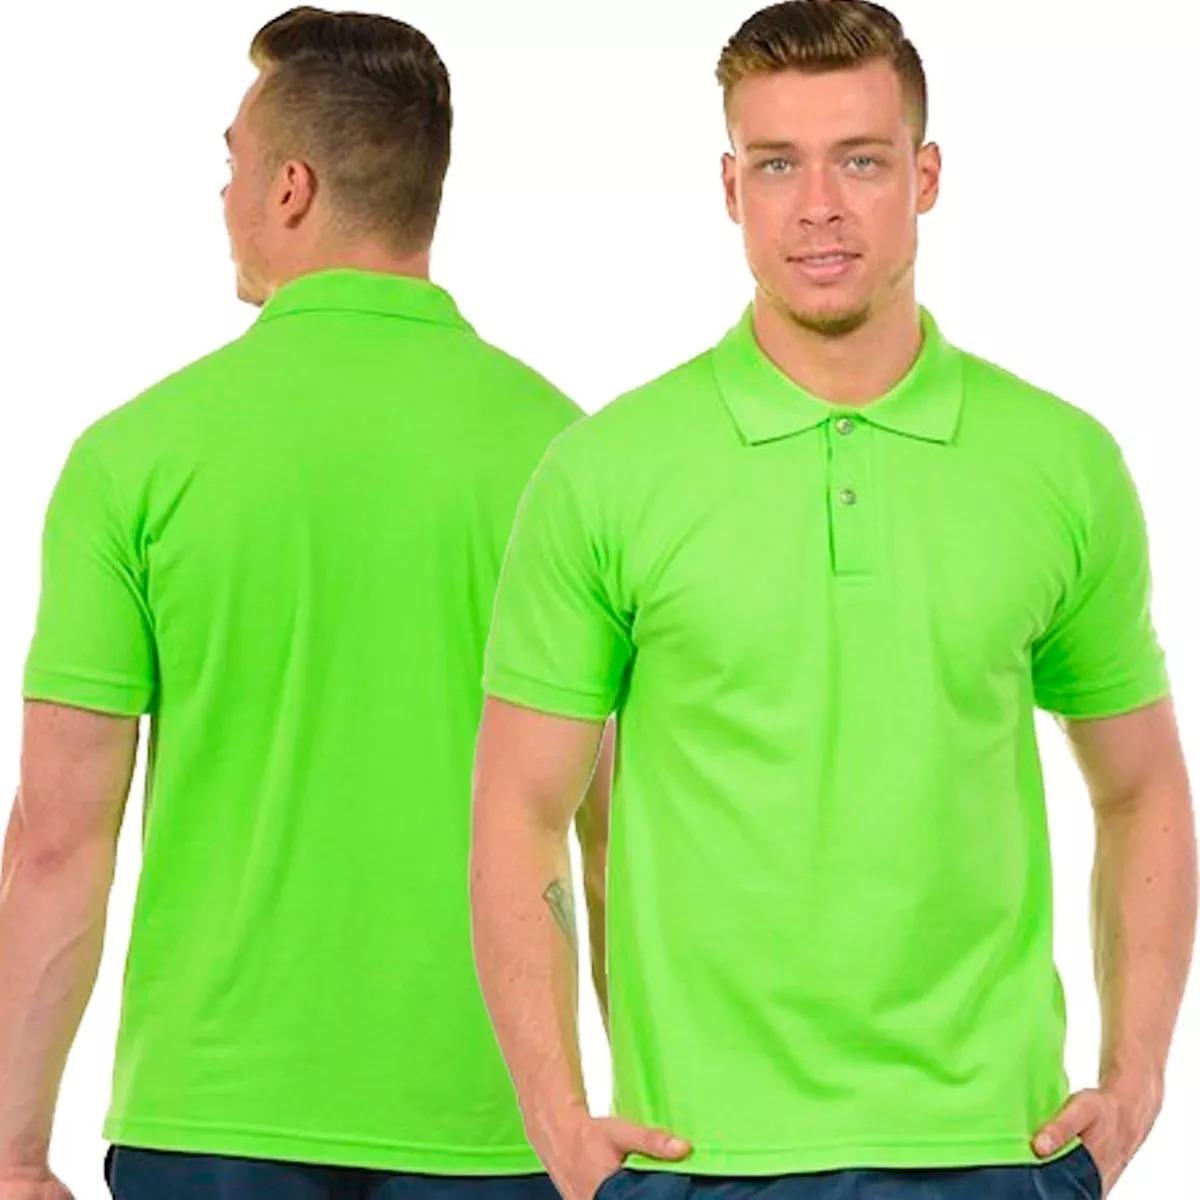 687a54471f ... camisa polo masculina camiseta gola atacado uniforme bordar. Carregando  zoom.